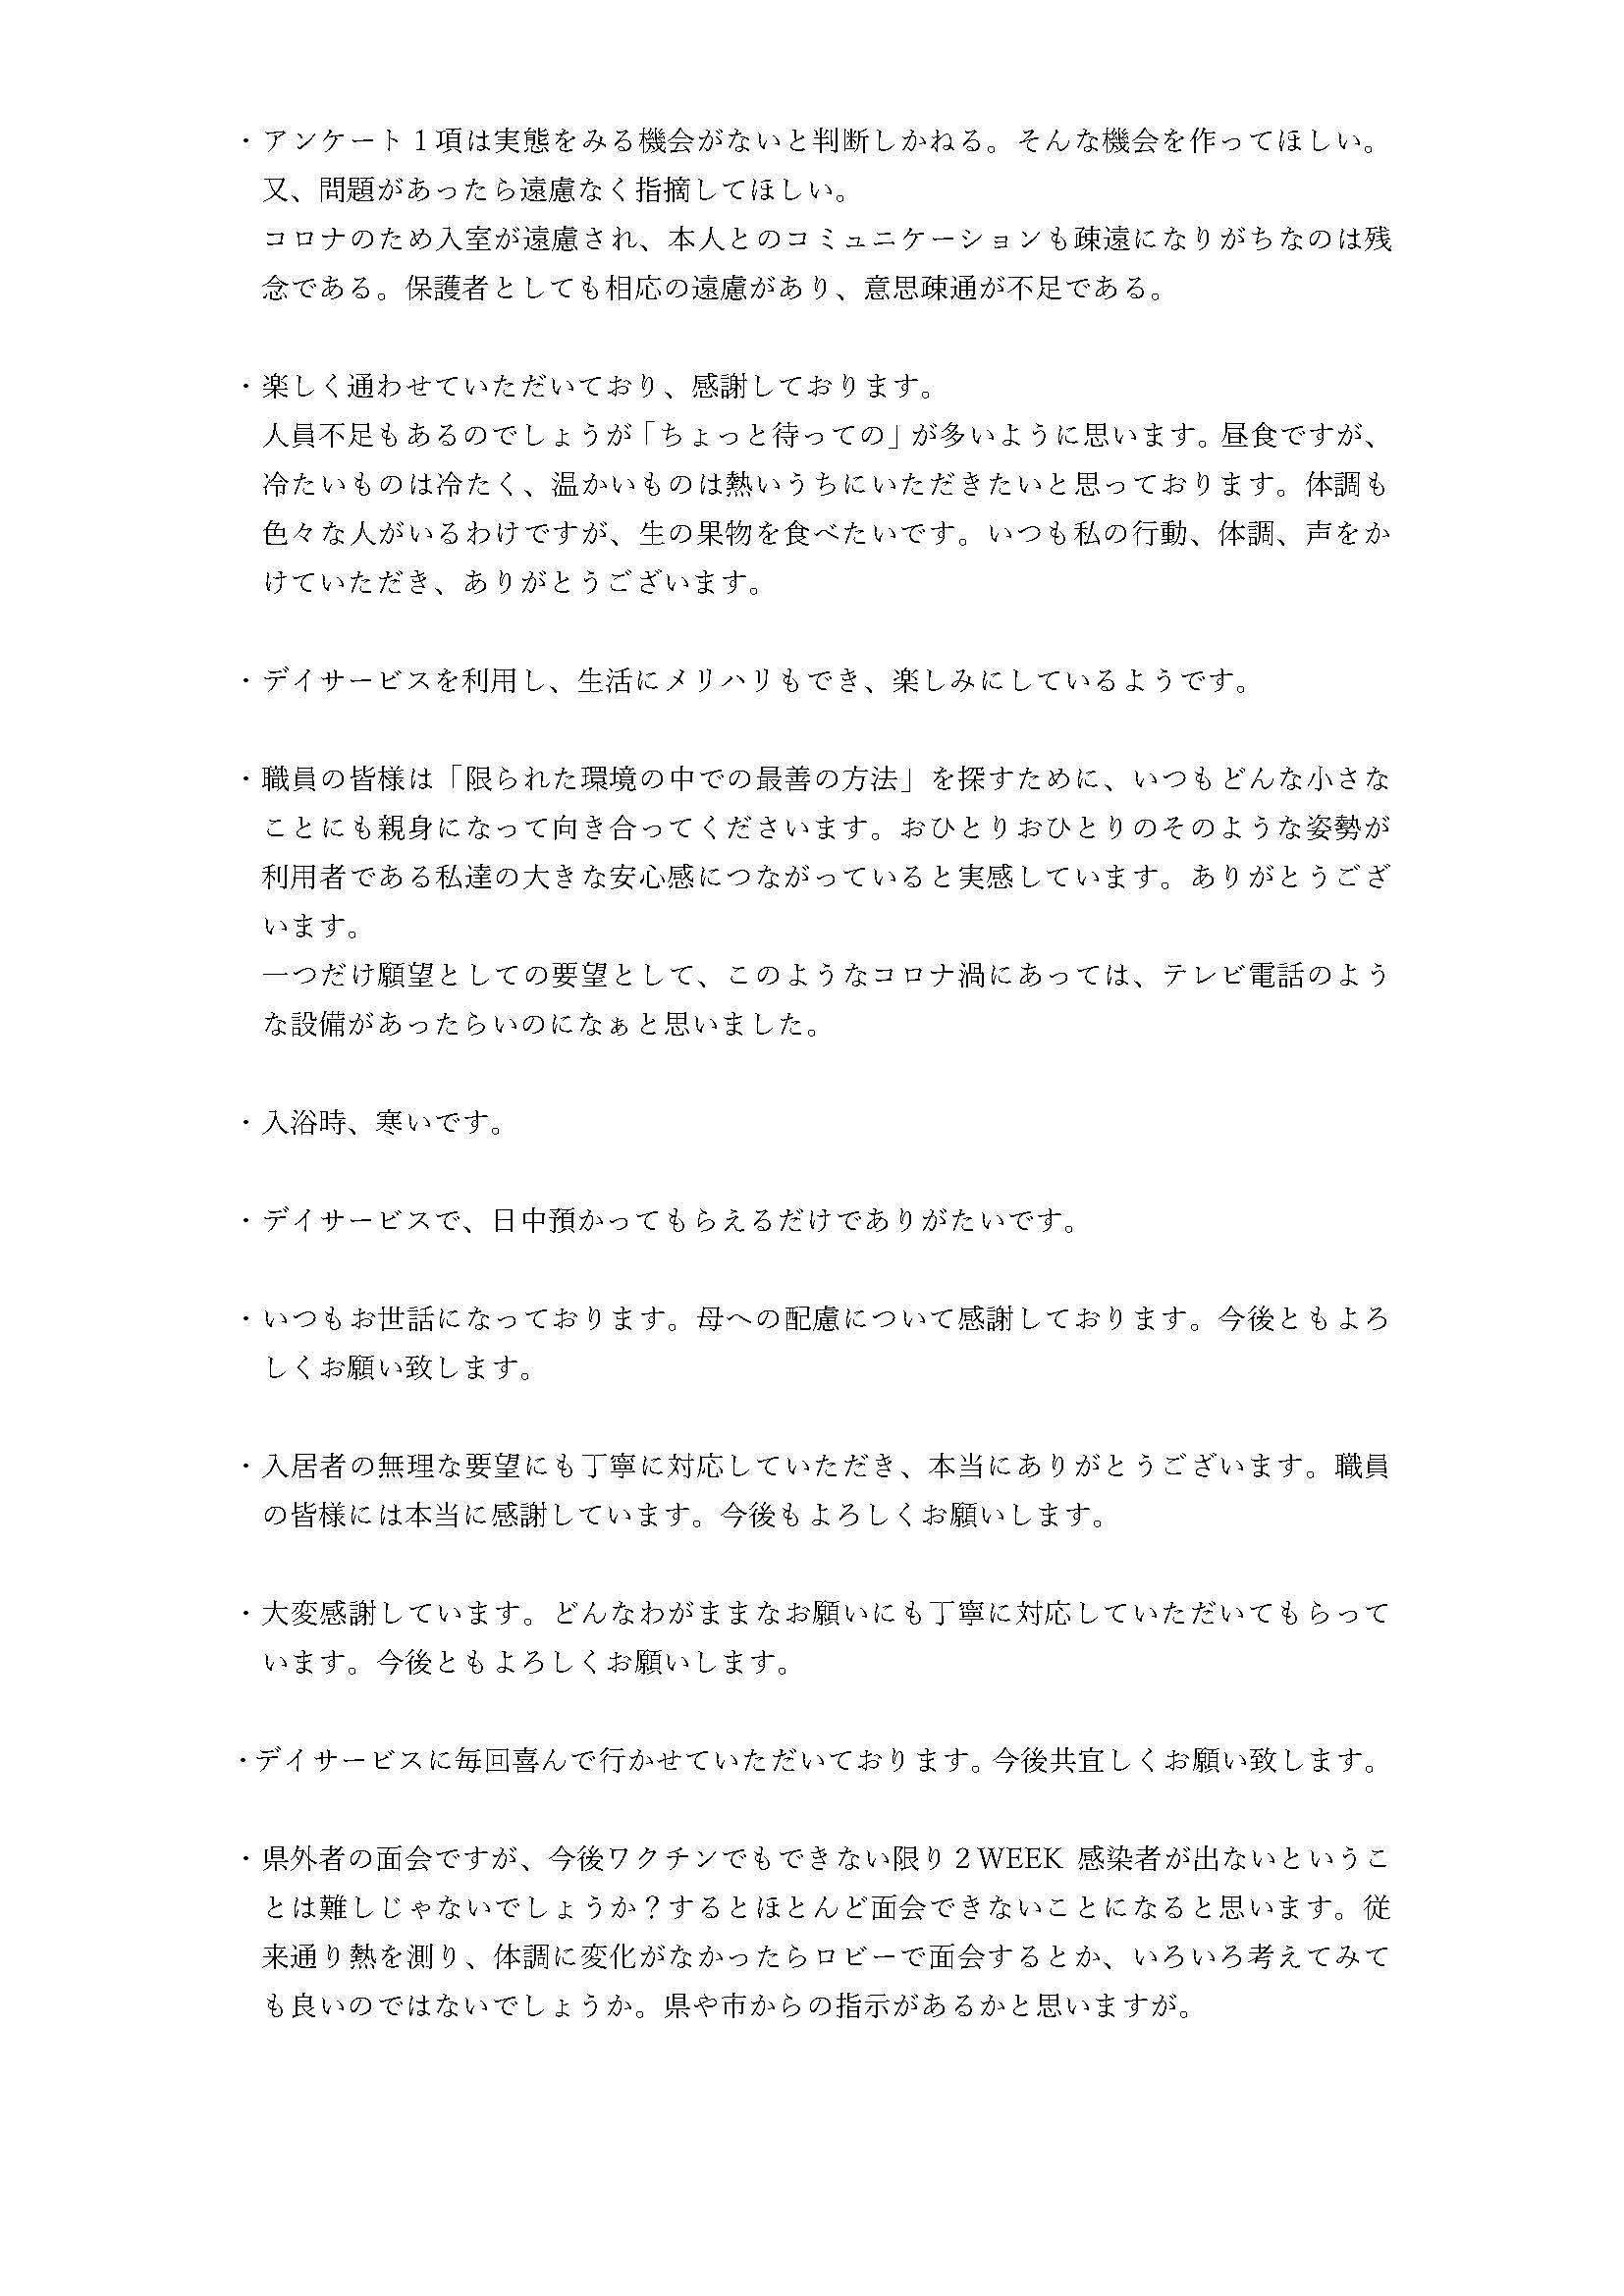 コンフォート樫の木 アンケート結果7